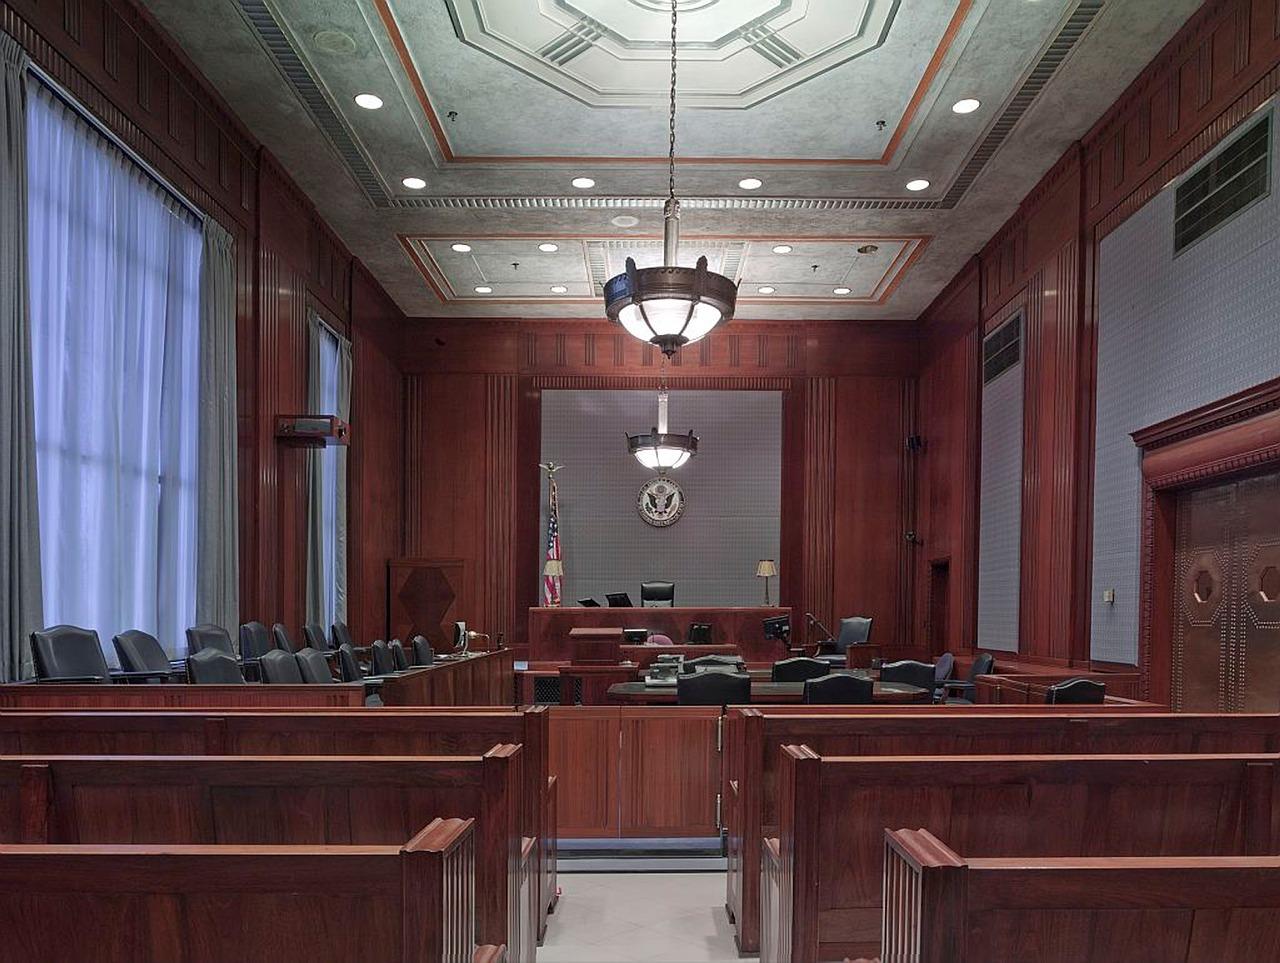 Puedes Cambiar Una Orden de Custodia Sin Acudir a la Corte